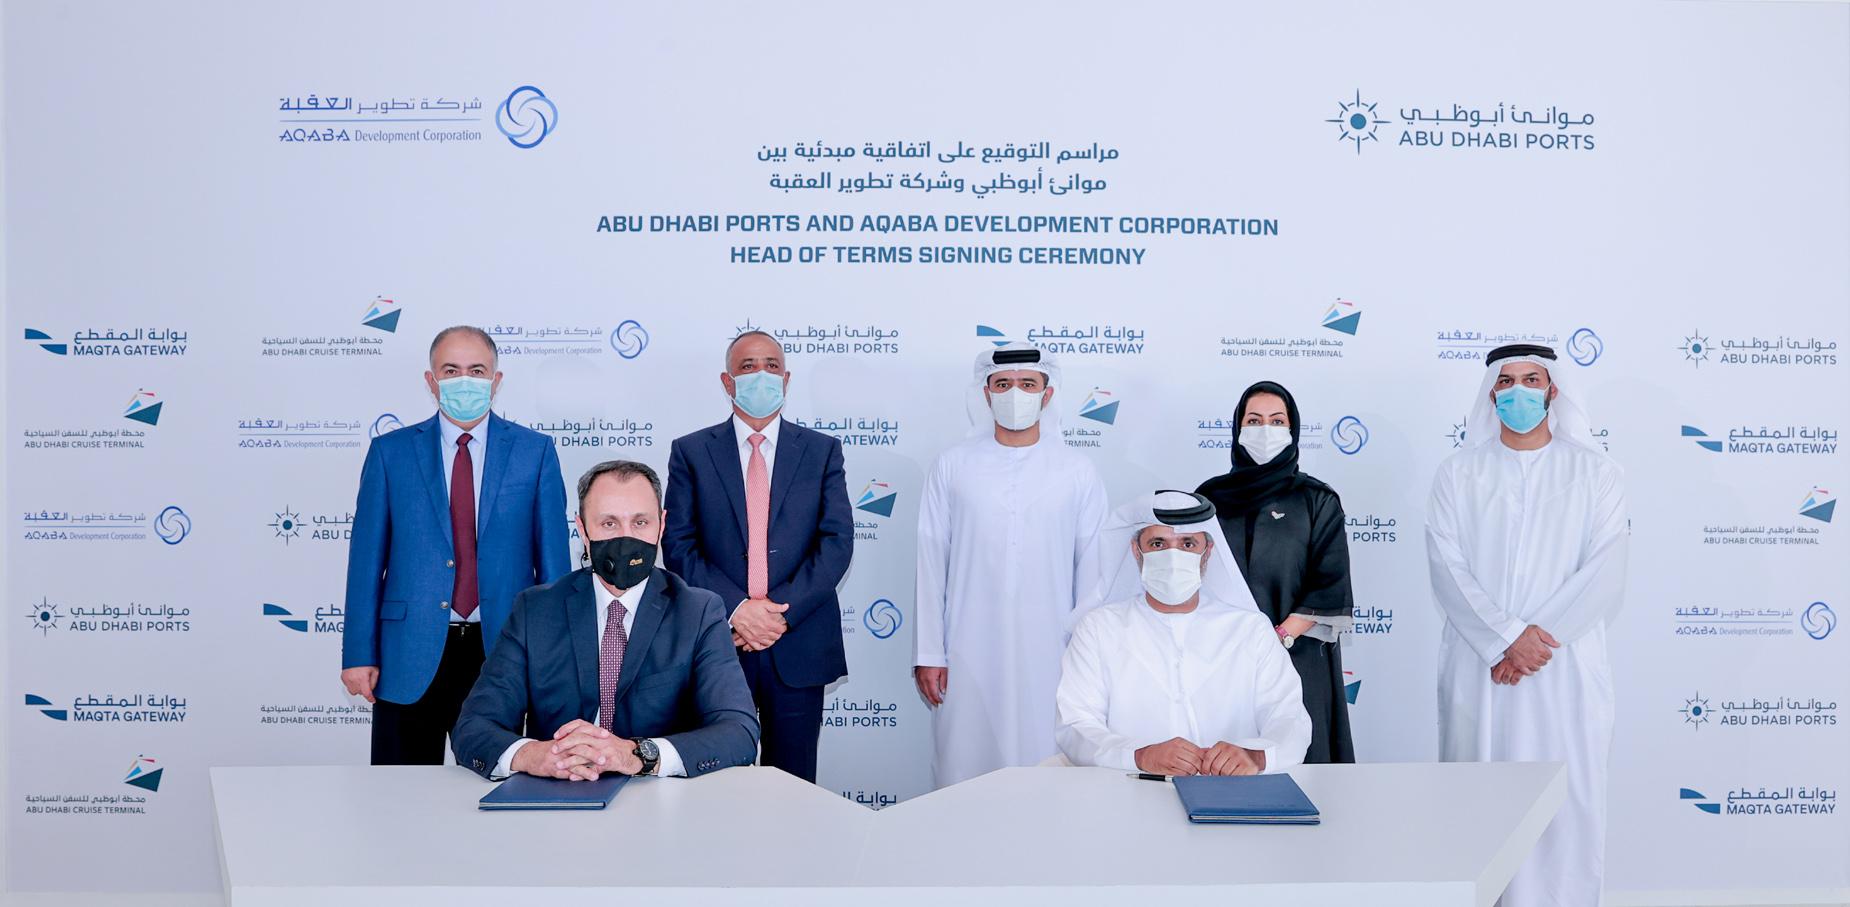 """""""موانئ أبوظبي"""" توقع اتفاقية لإنشاء محطة سفن سياحية متطورة في مرسى زايد بالعقبة في الأردن"""